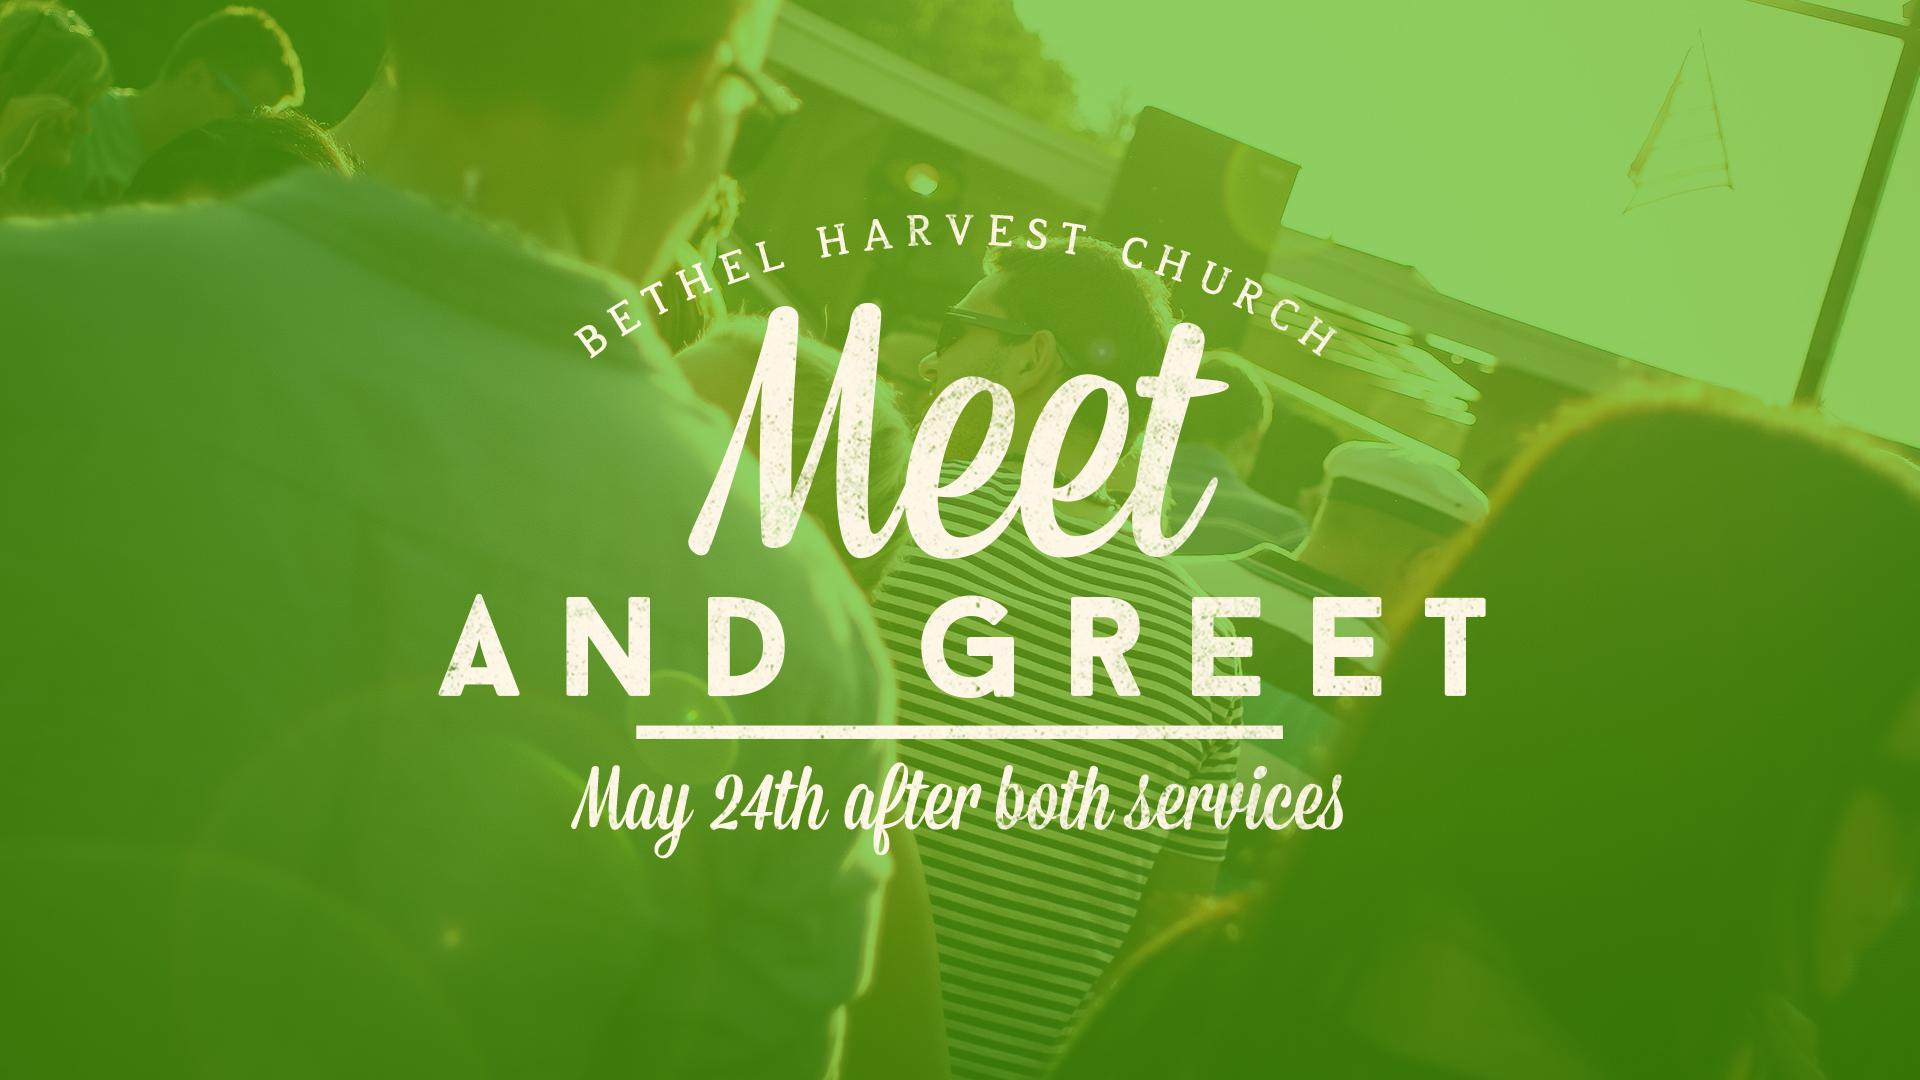 Meet   greet may 24th 2017